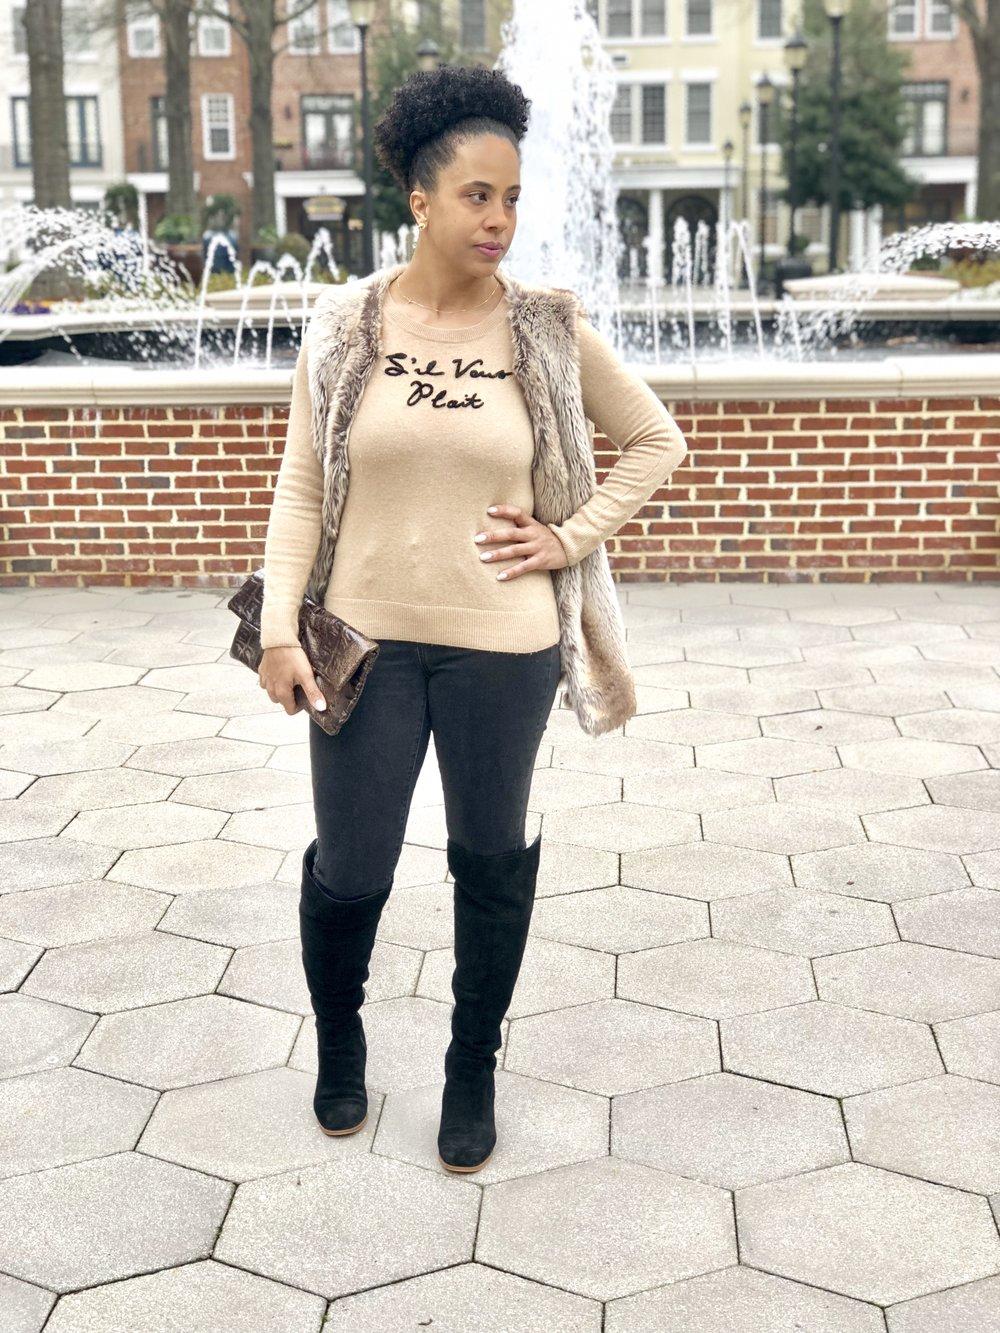 Sweater: Banana Republic Vest: WHBM  Similar Faux Vest Jeans: Target $17.98  Boots: Sam Edelman